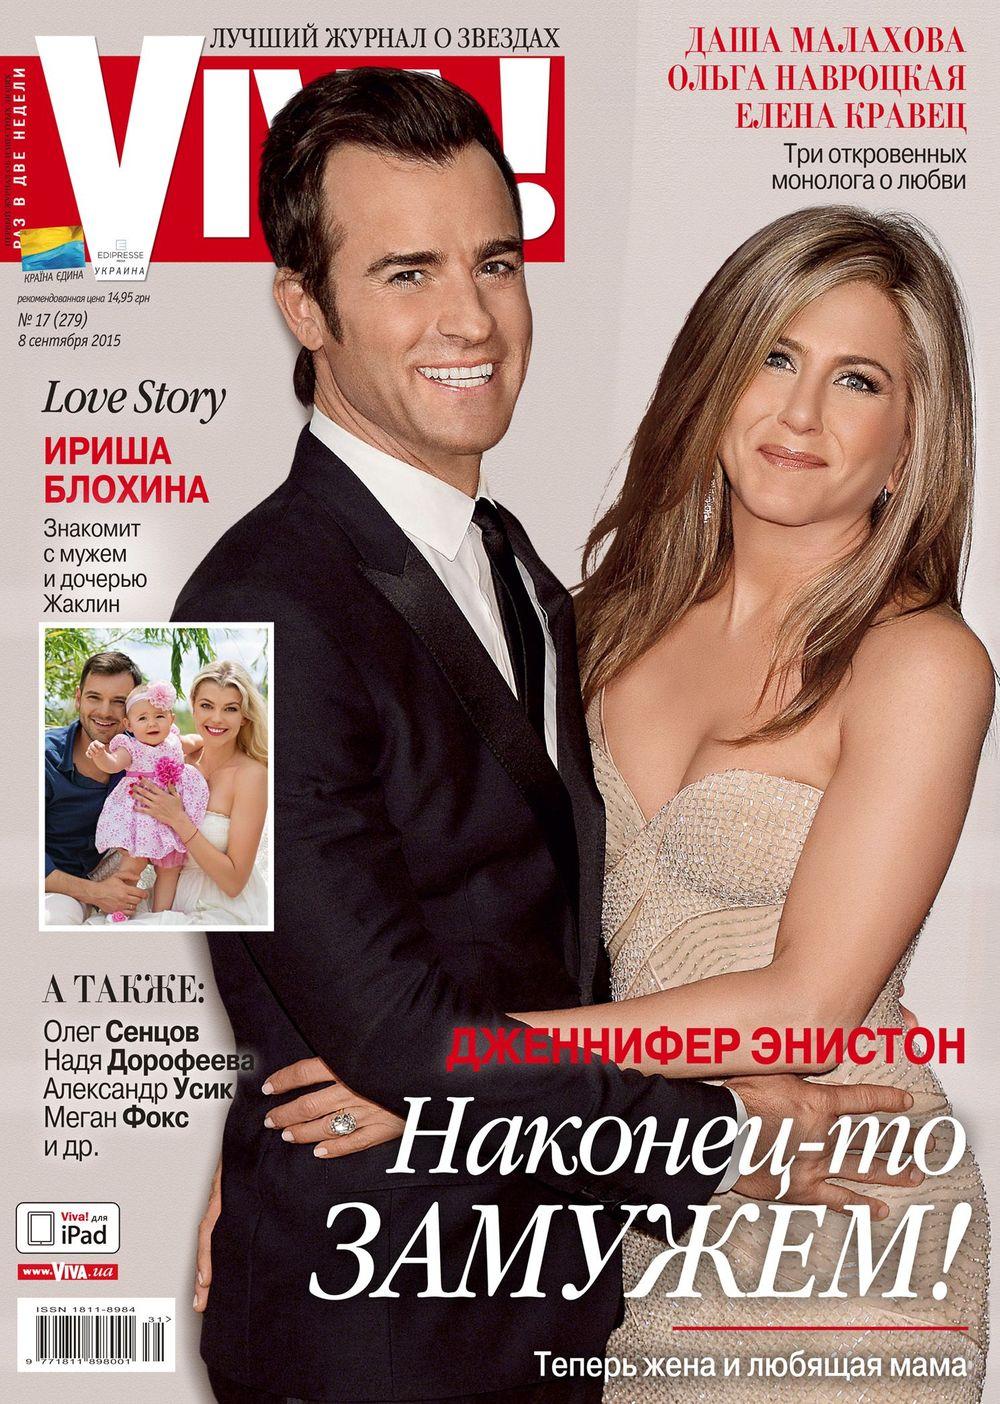 Дженнифер Энистон и Джастин Теру на обложке журнала Viva!